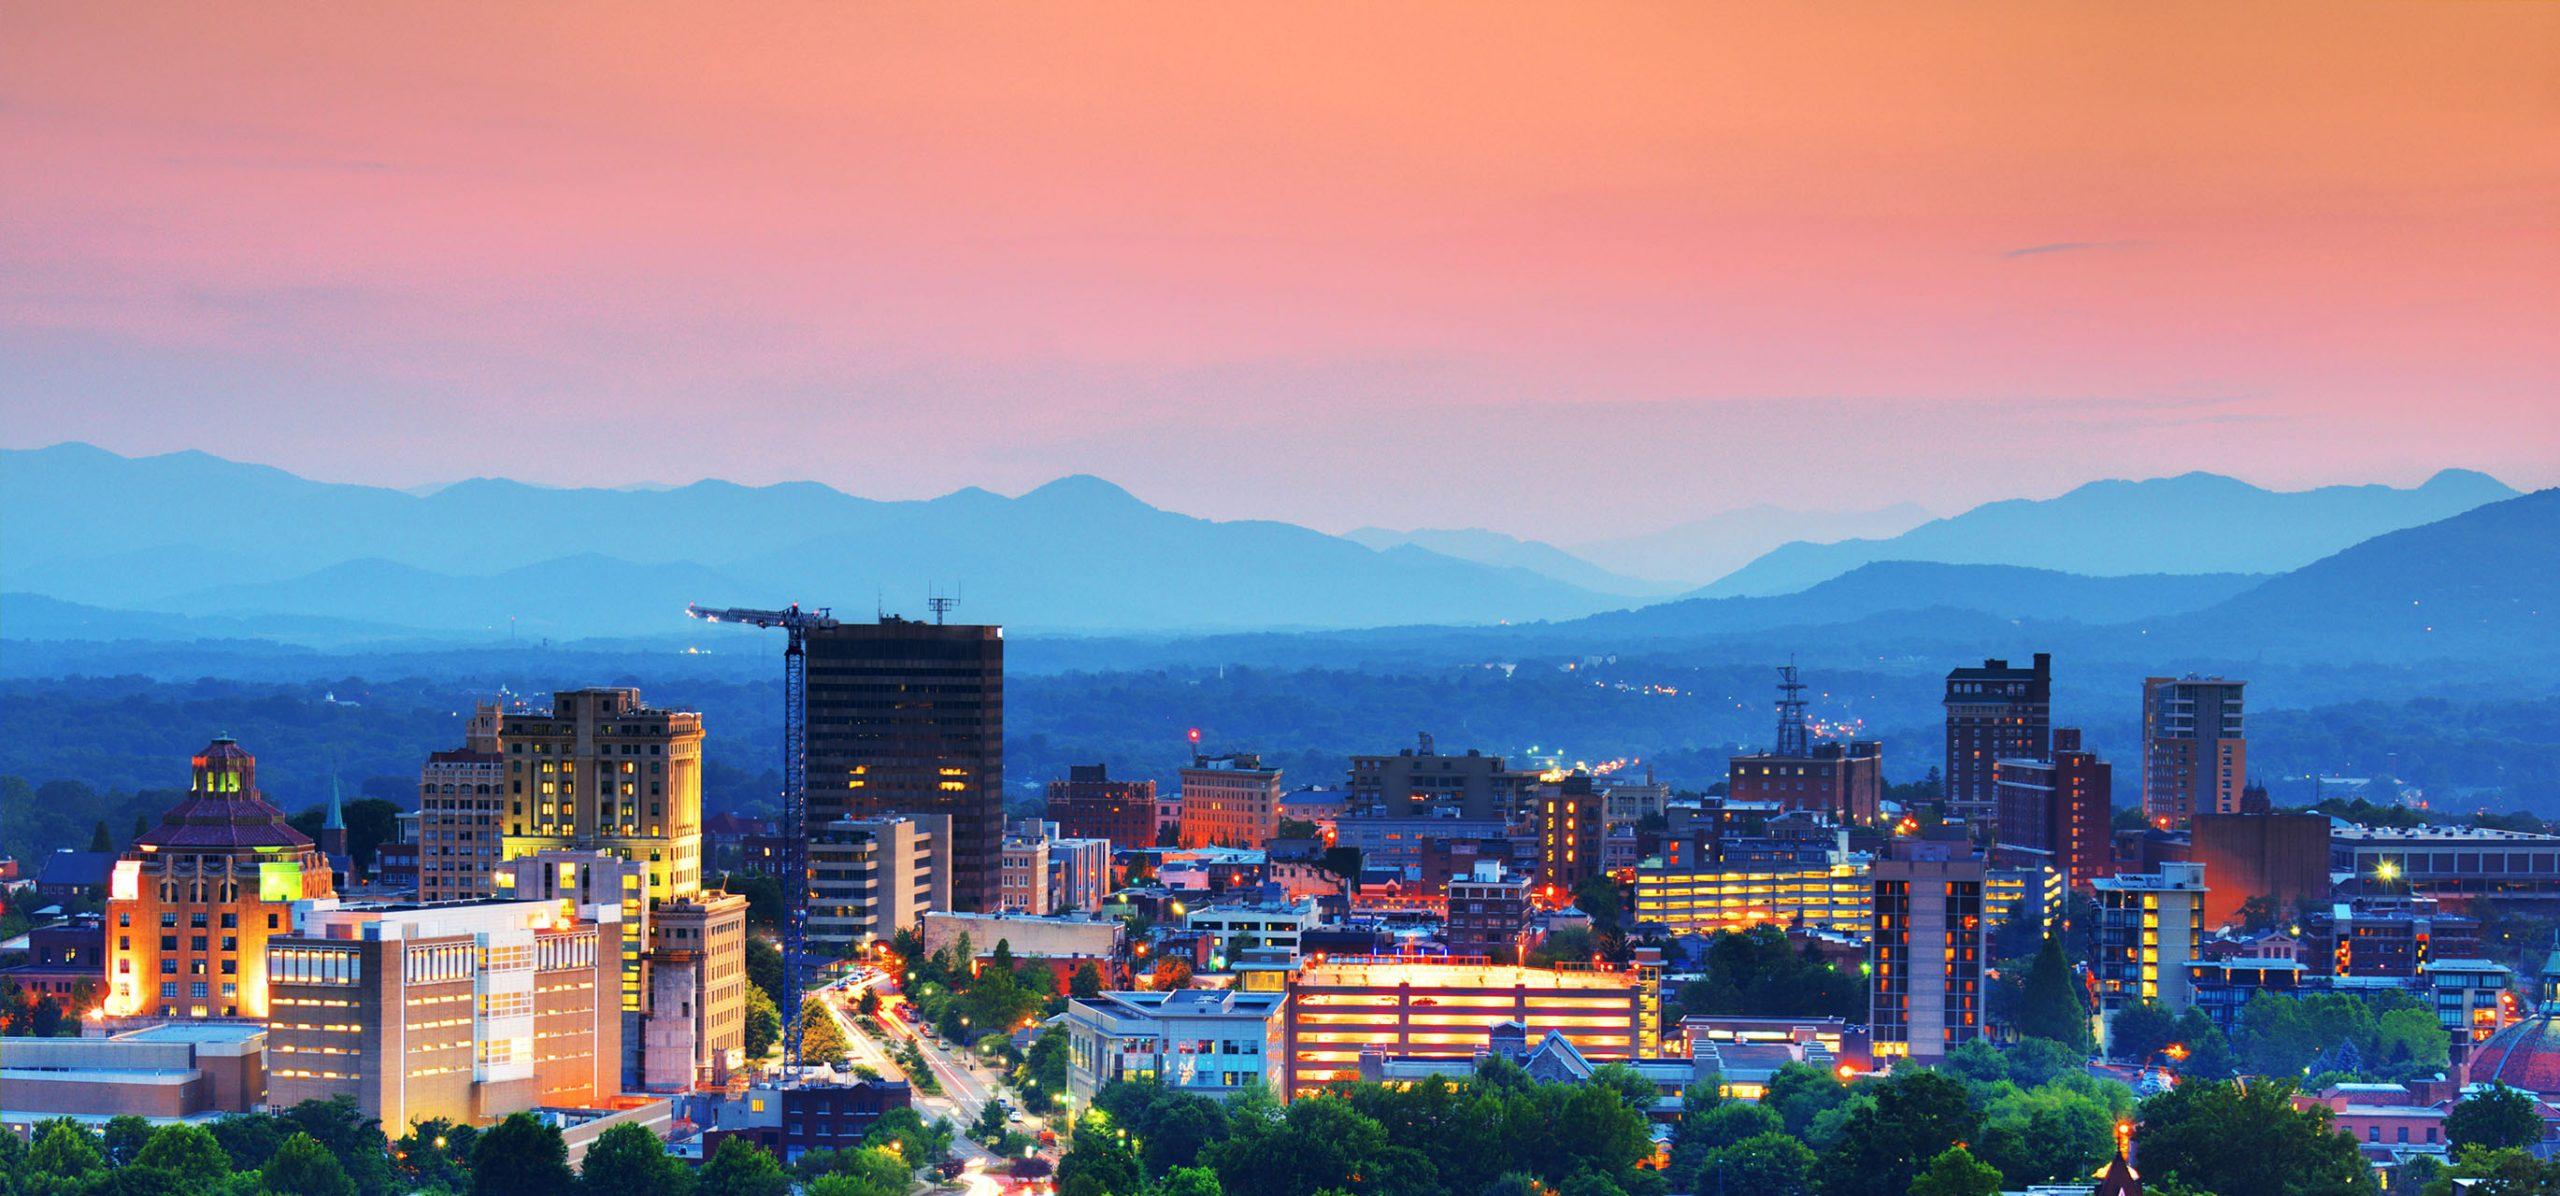 Apotheca Asheville: The Mountain Home for CBD